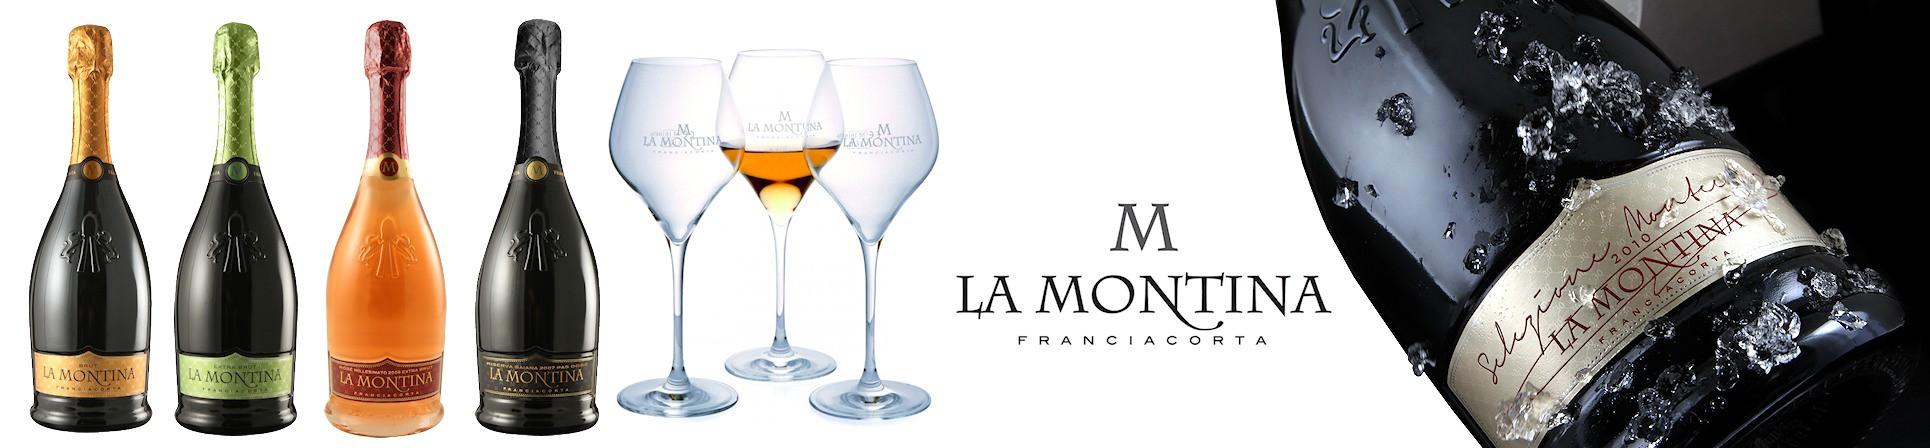 Franciacorta La Montina - vendita online